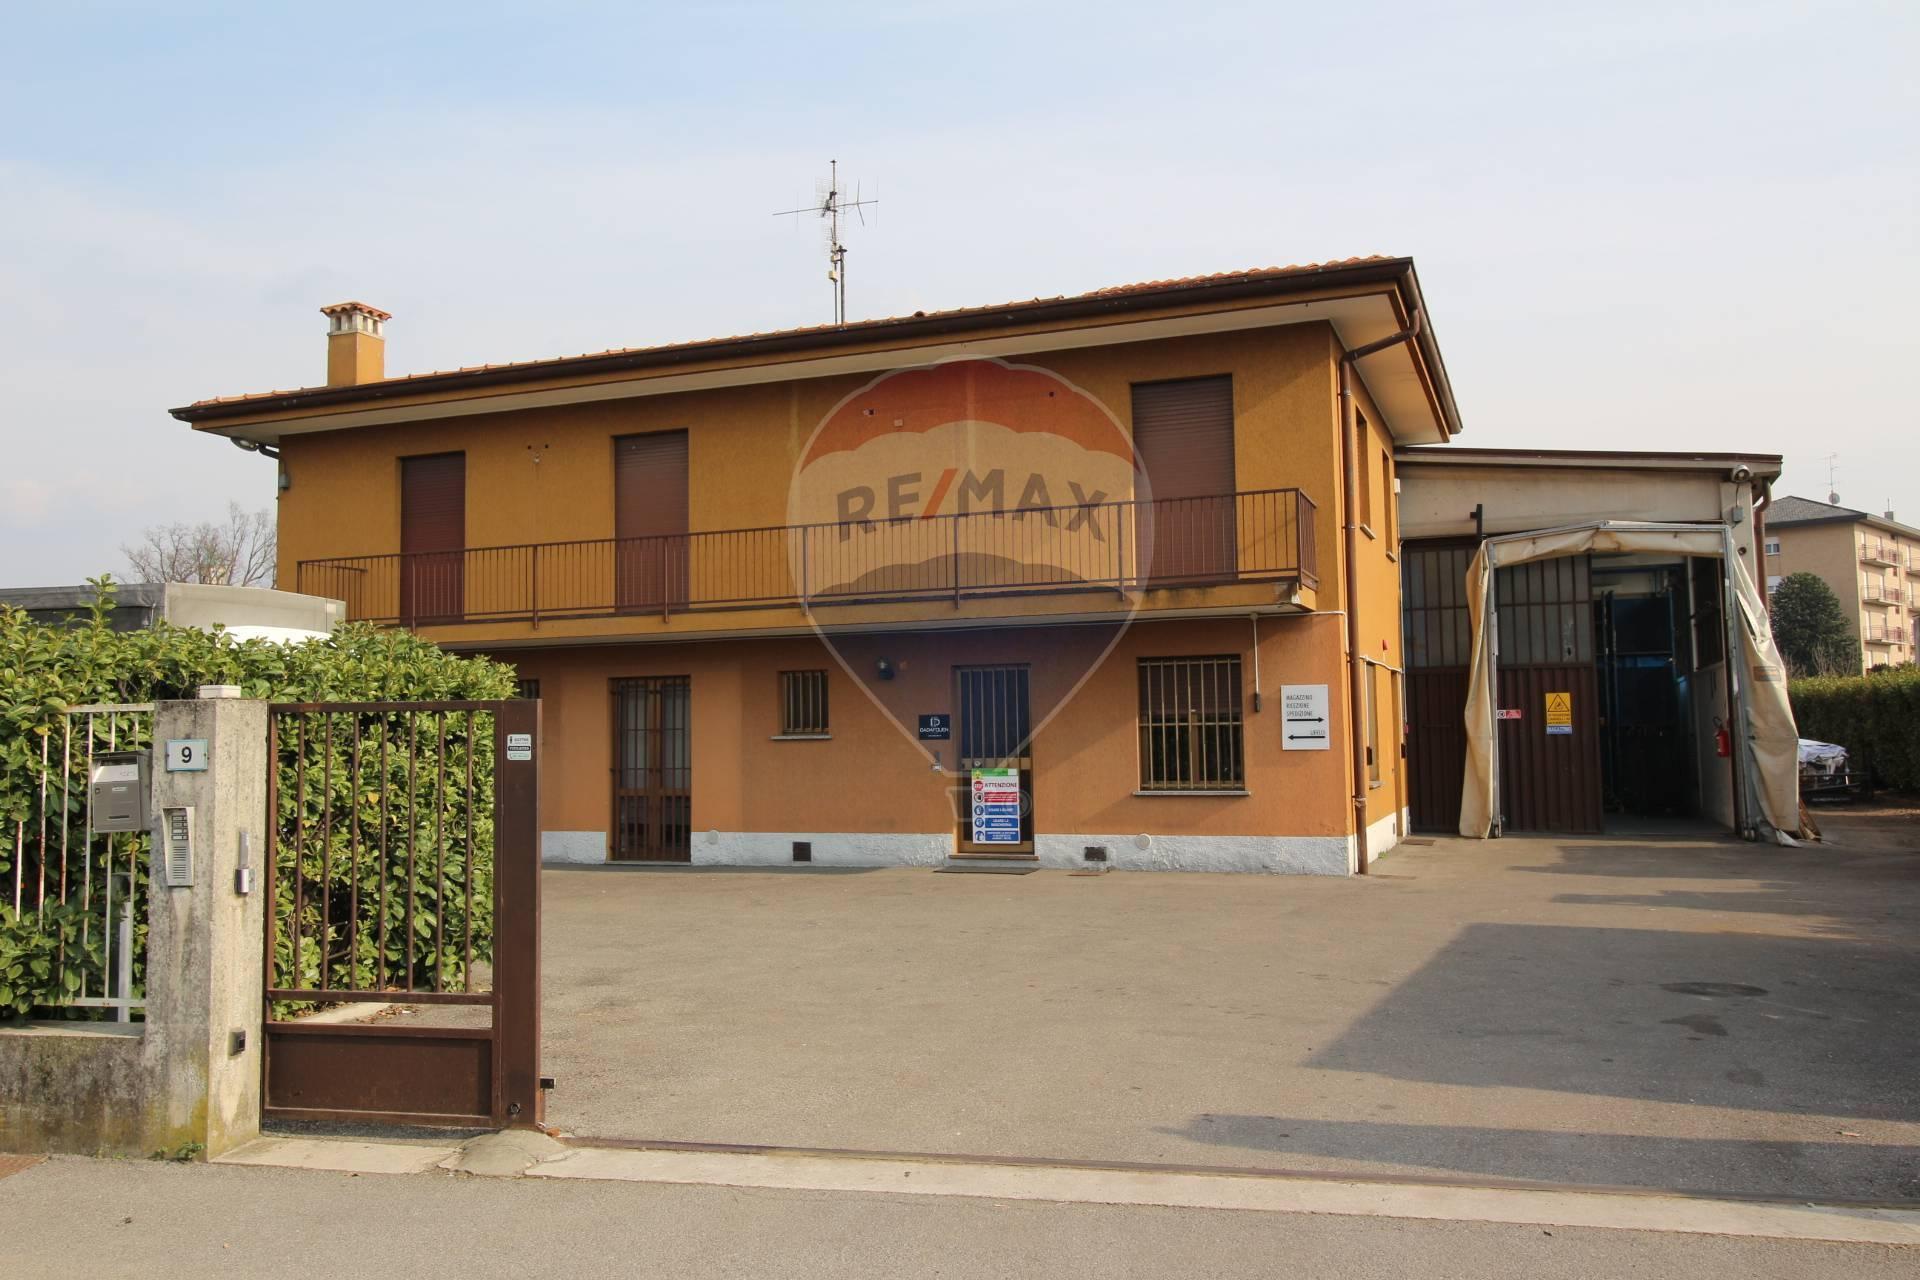 Vendita Capannone Commerciale/Industriale Annone di Brianza 243521